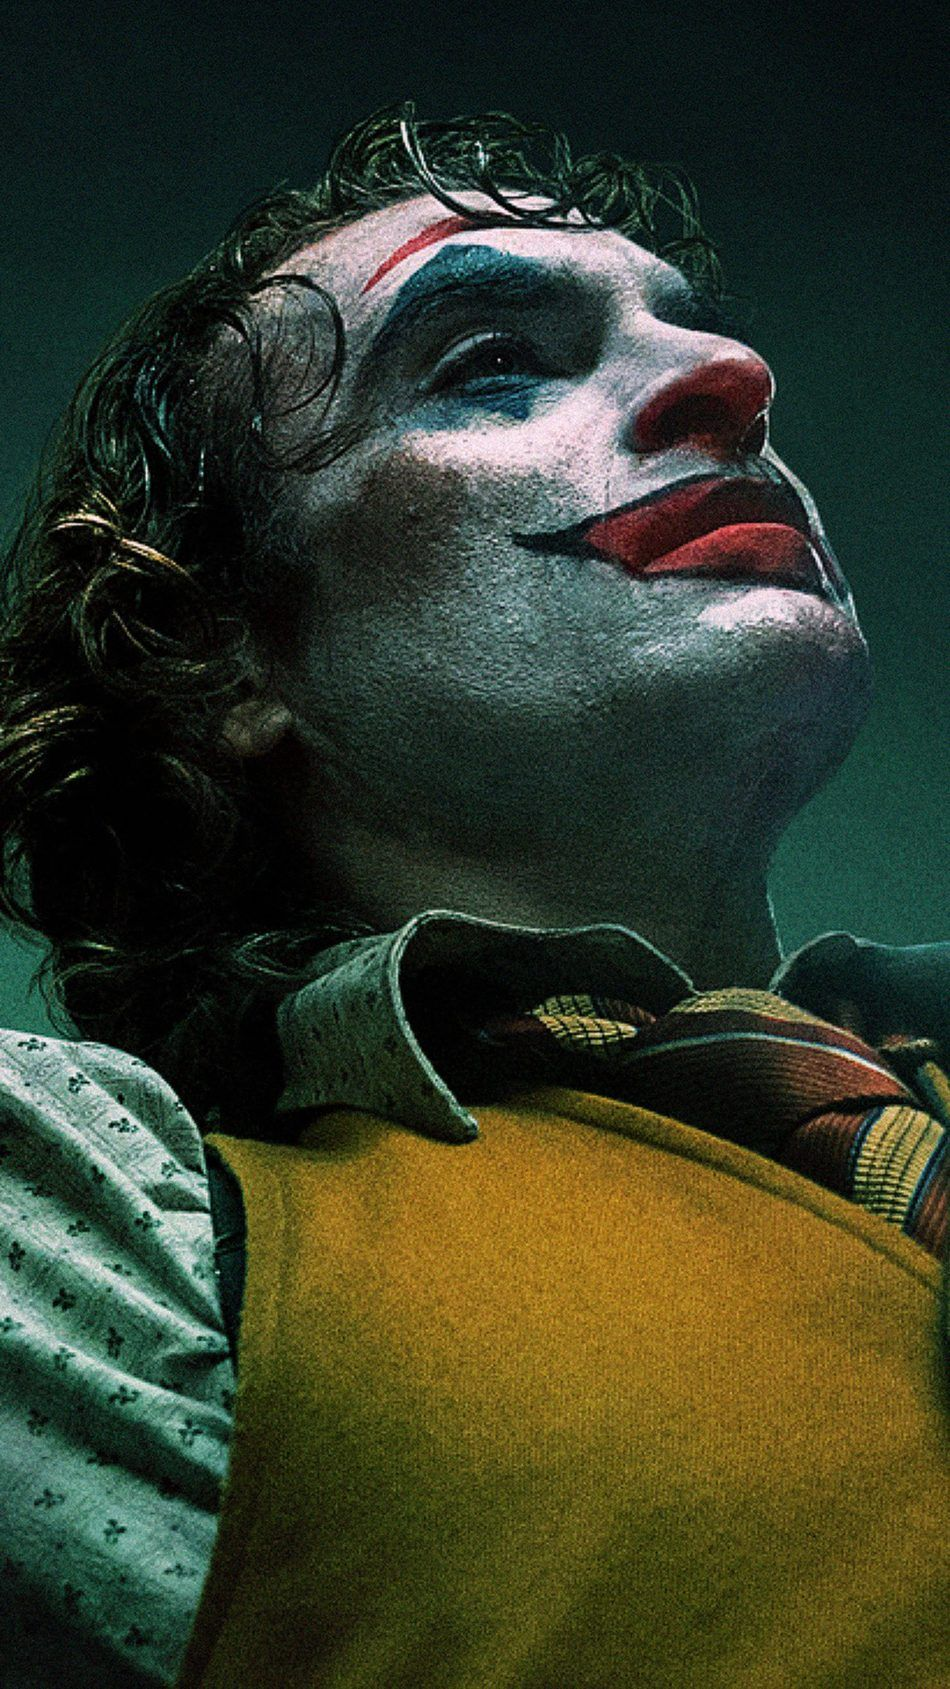 Joaquin Phoenix Joker 2019 Movie Joker Wallpapers Joker Pics